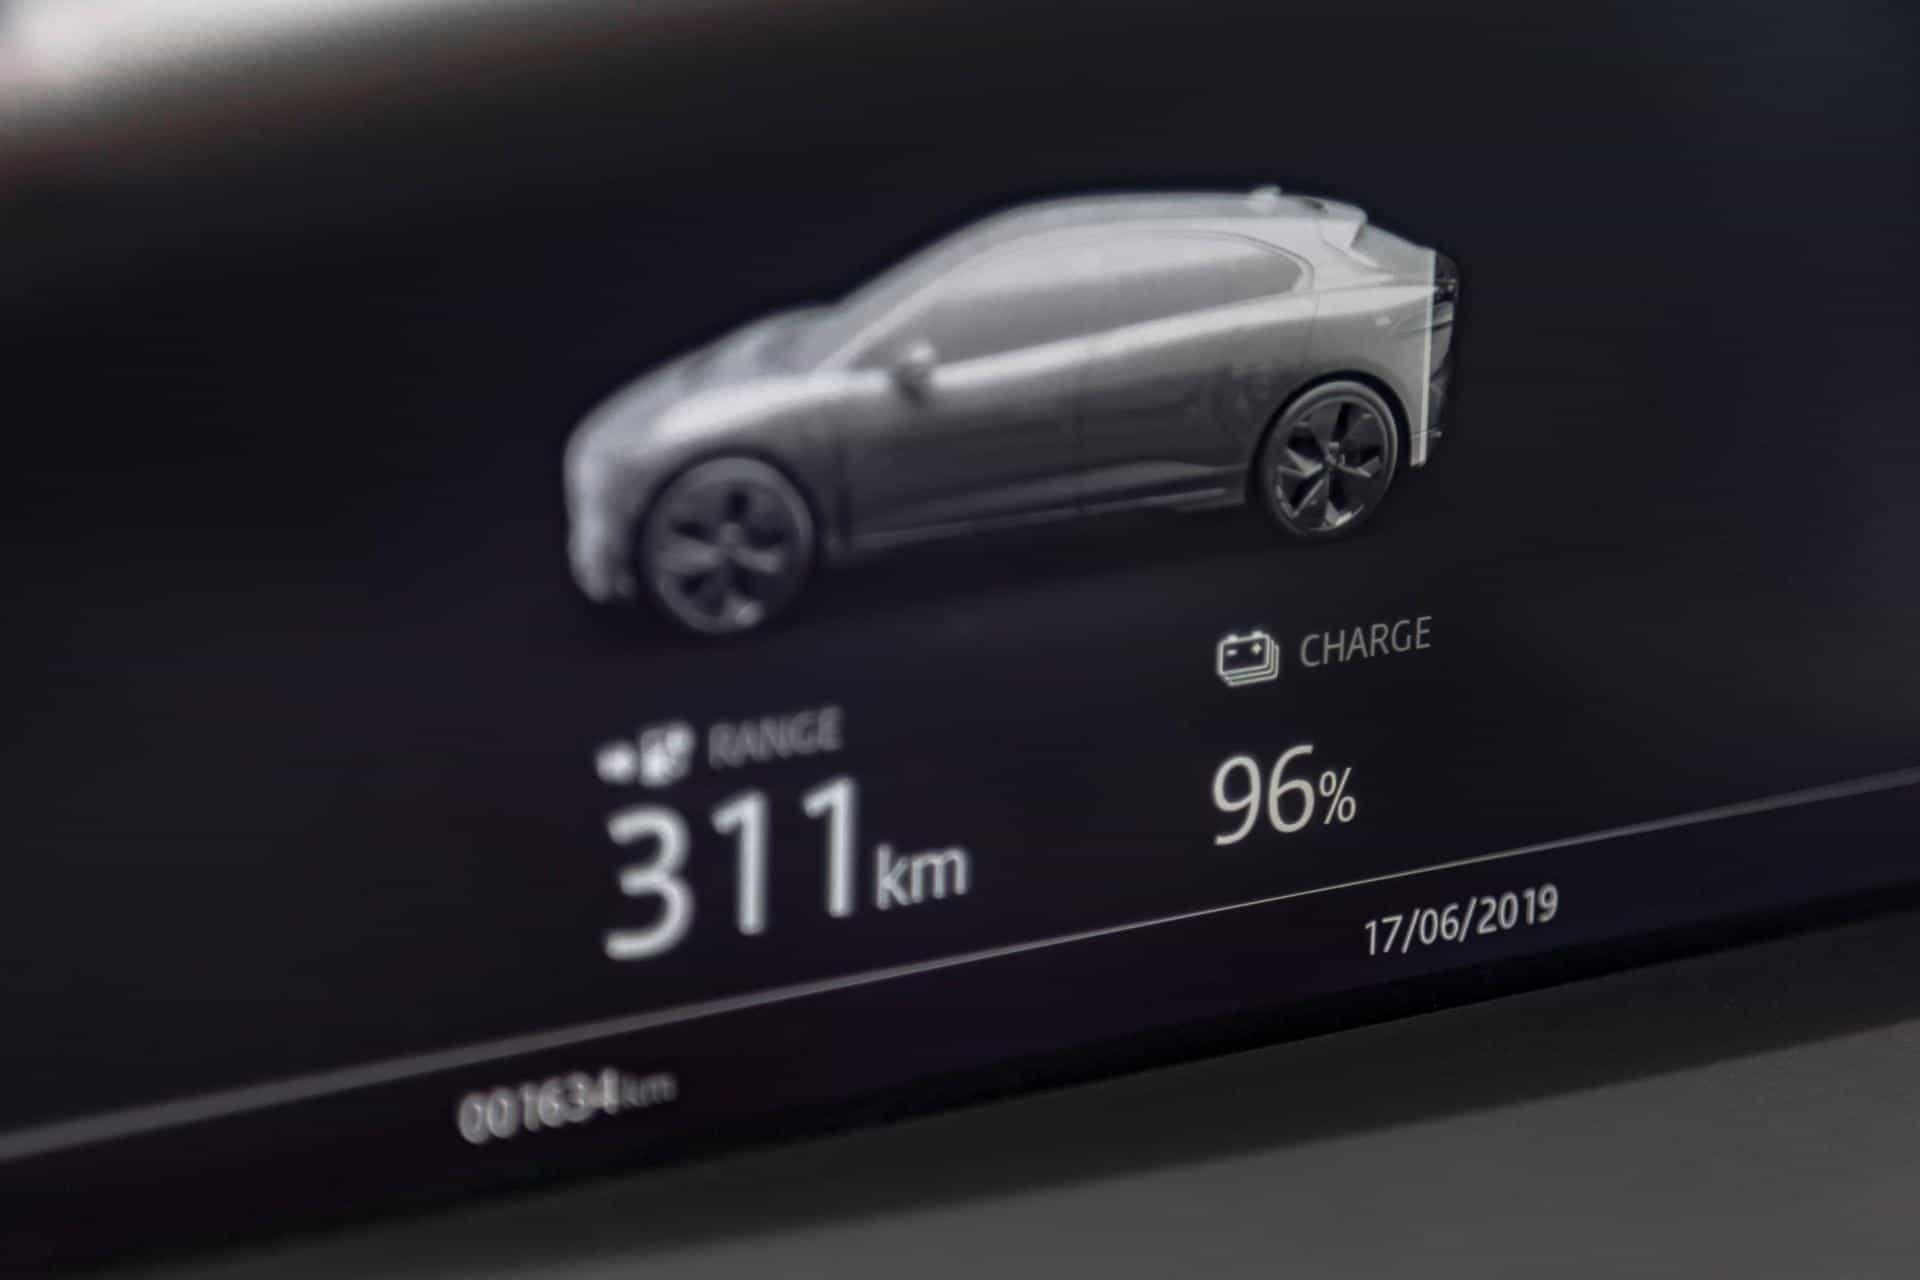 Thermische Optimierung soll Reichweite von E-Autos mehr als zehn Prozent steigern